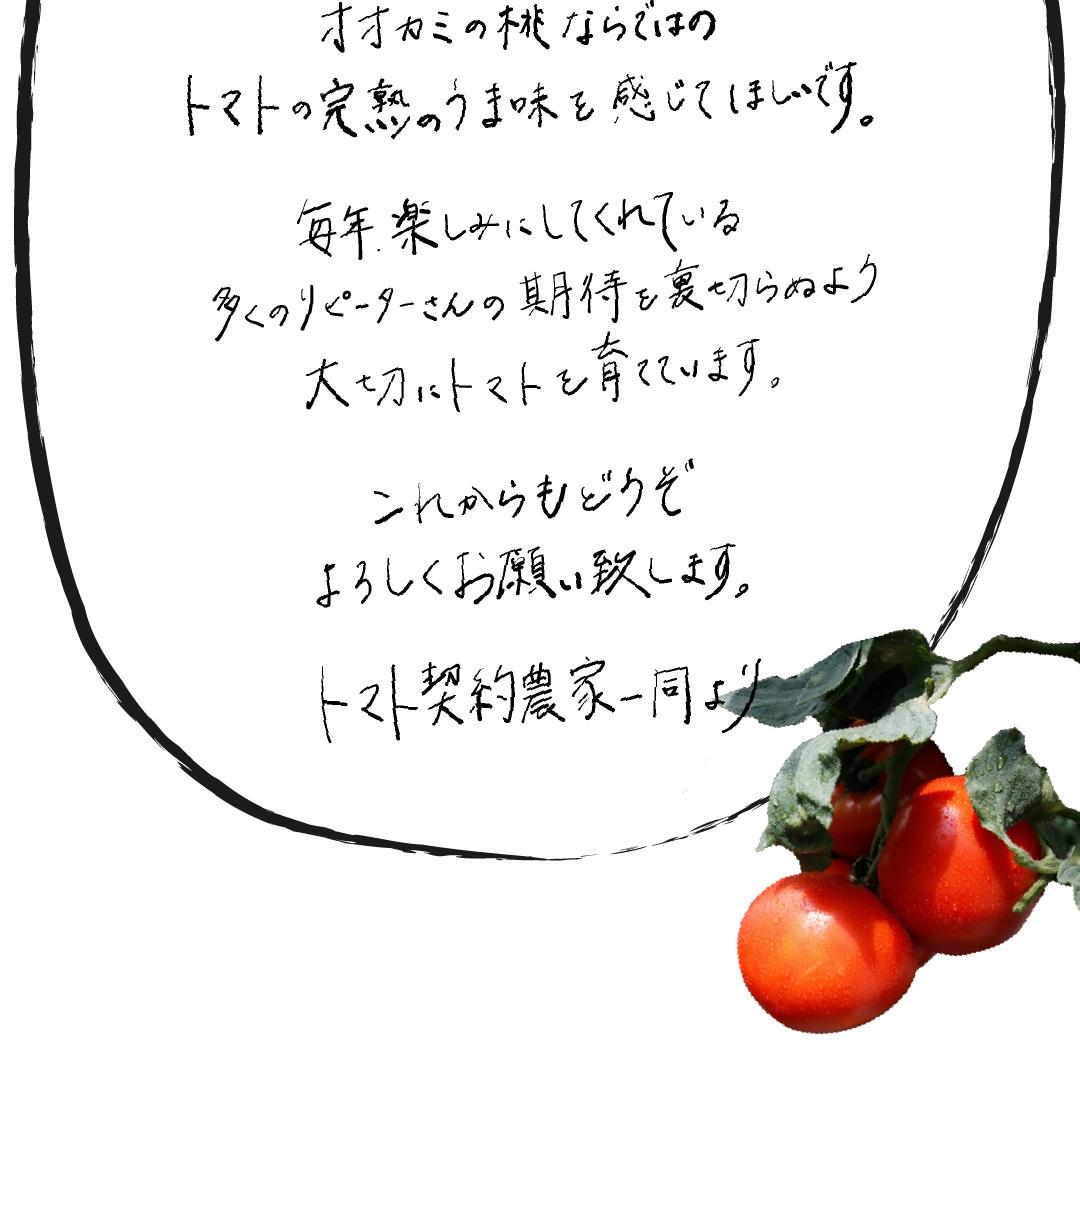 オオカミの桃